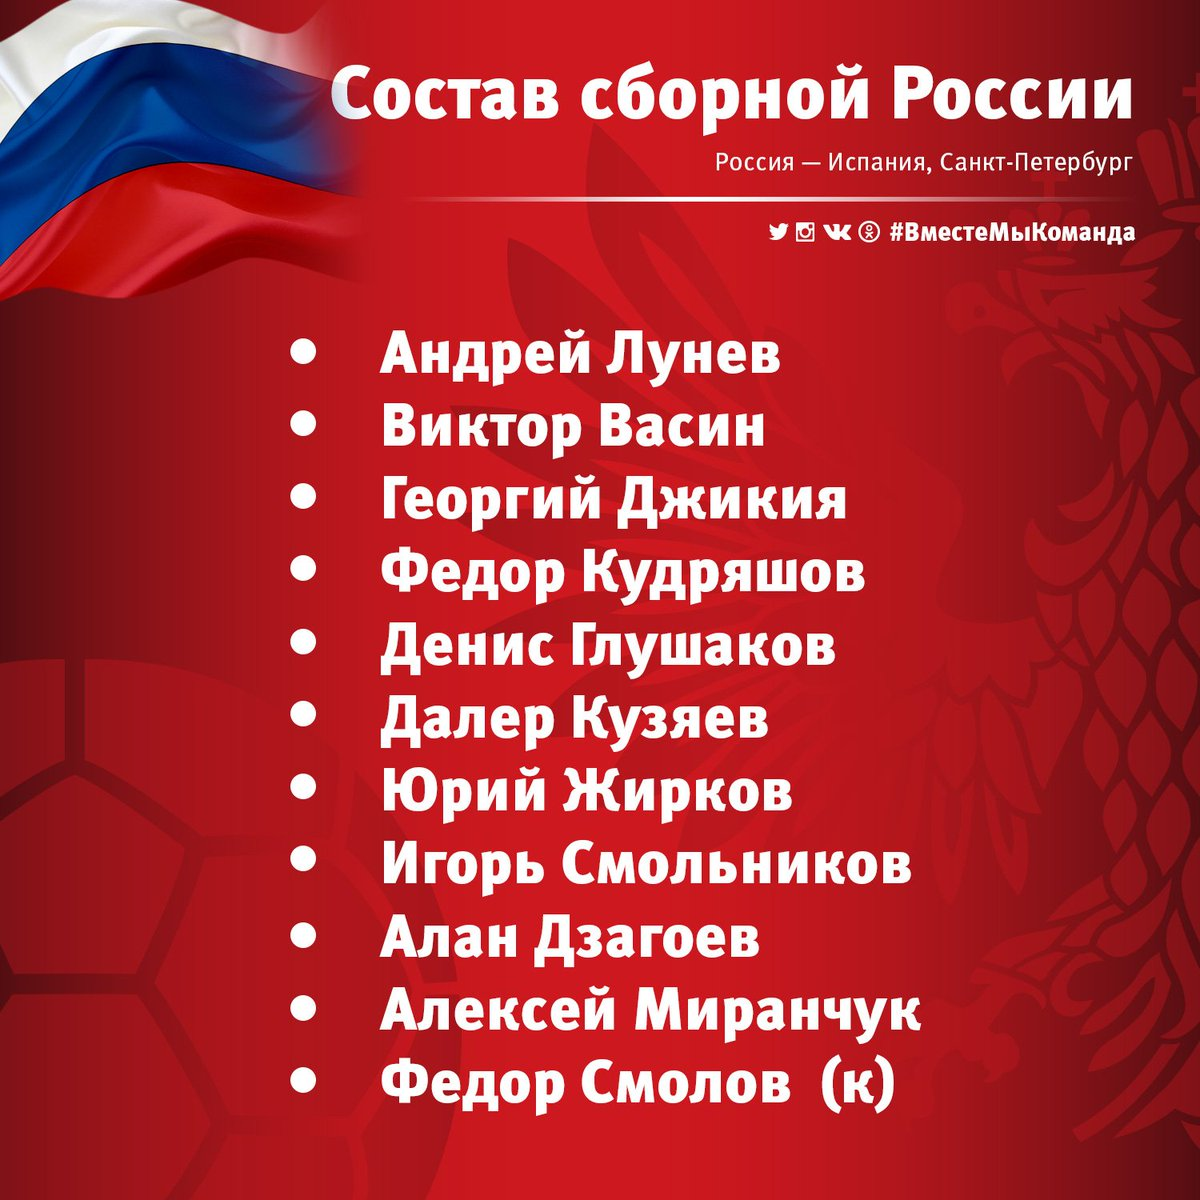 Состав сборной России на матч с Испанией